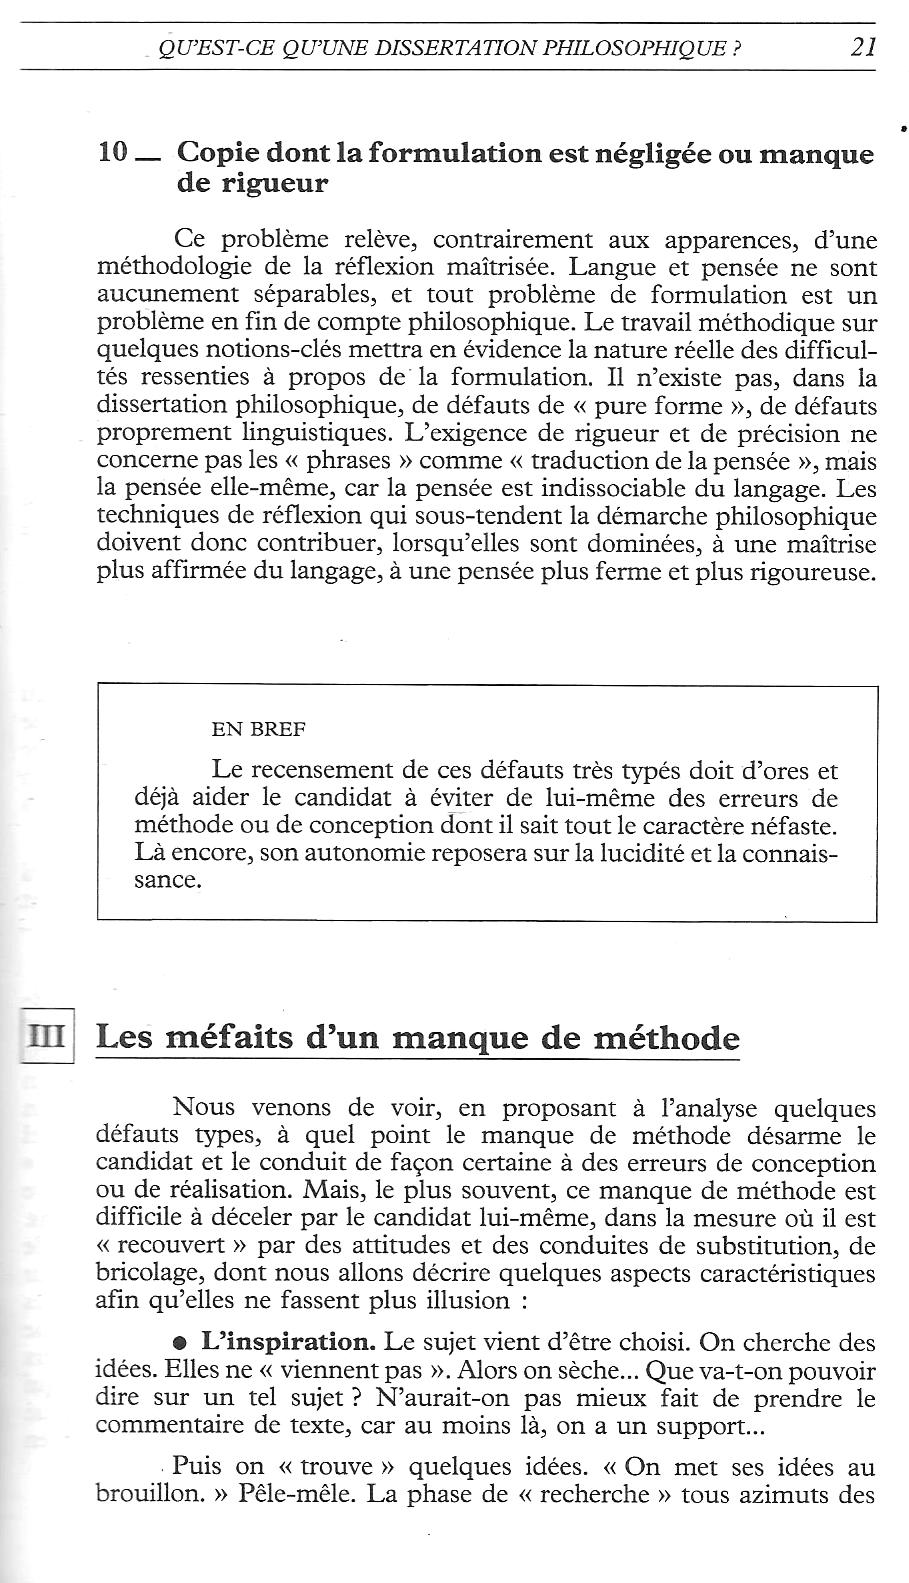 Dissertation de la philosophie